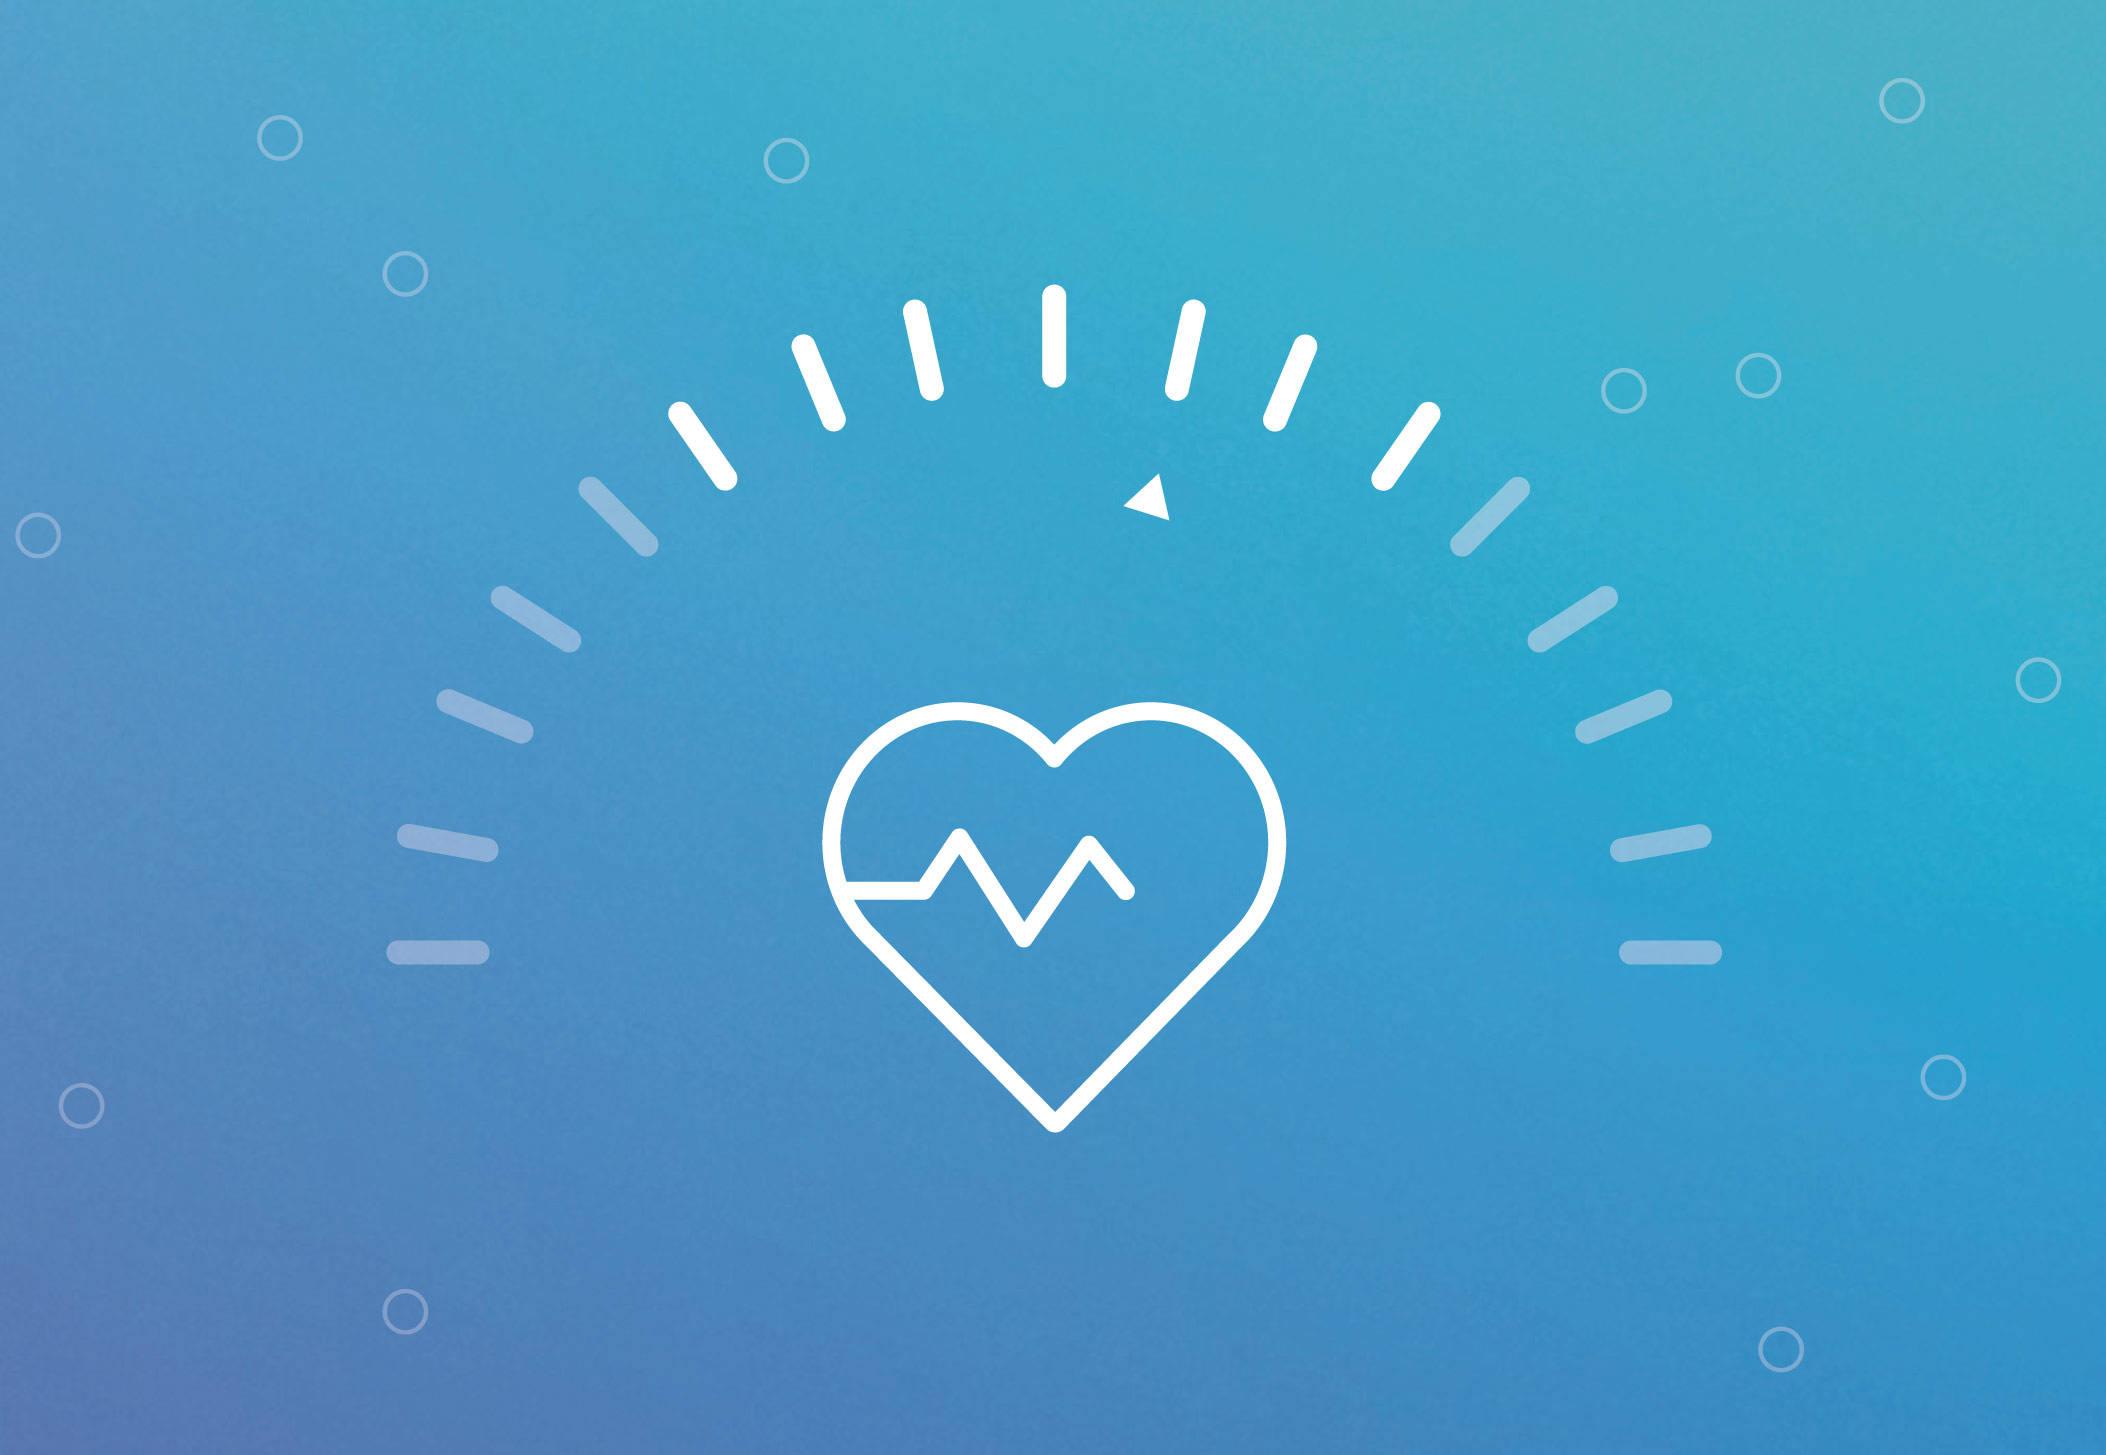 Gesundheits-Index der Atemluft - Gesundheit